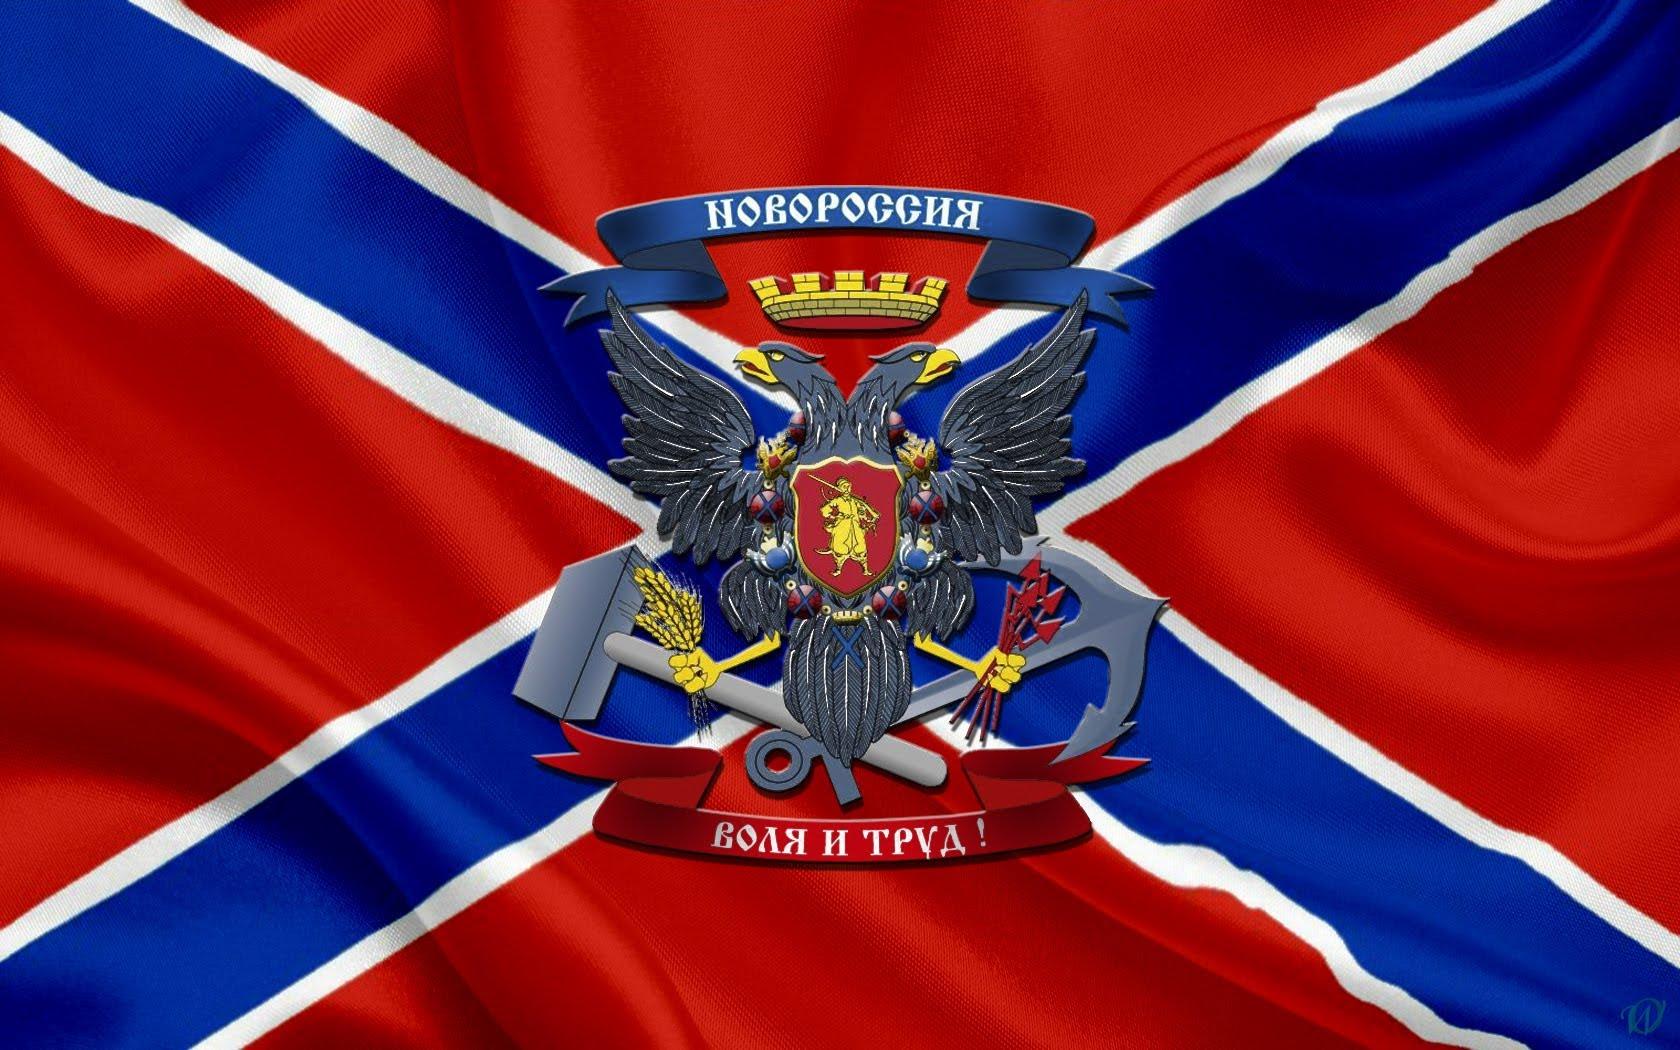 Интеллигентные участники боев в Донбассе предлагают сотрудничество